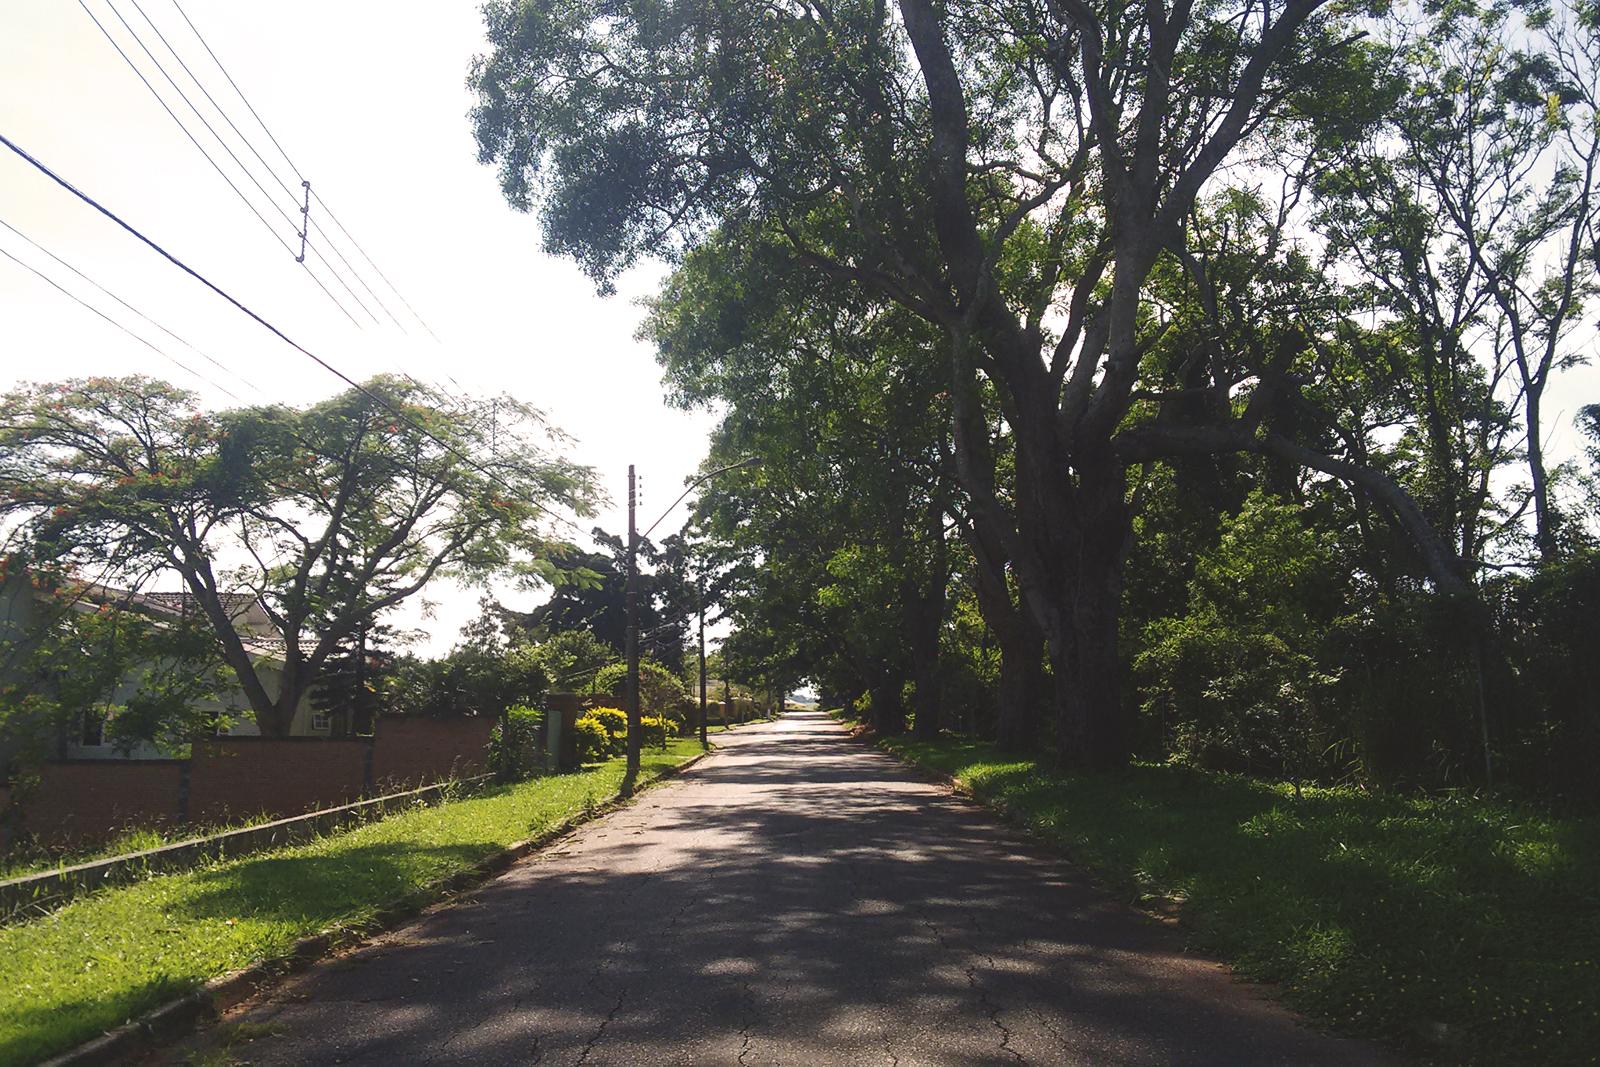 caminho rua arborizada